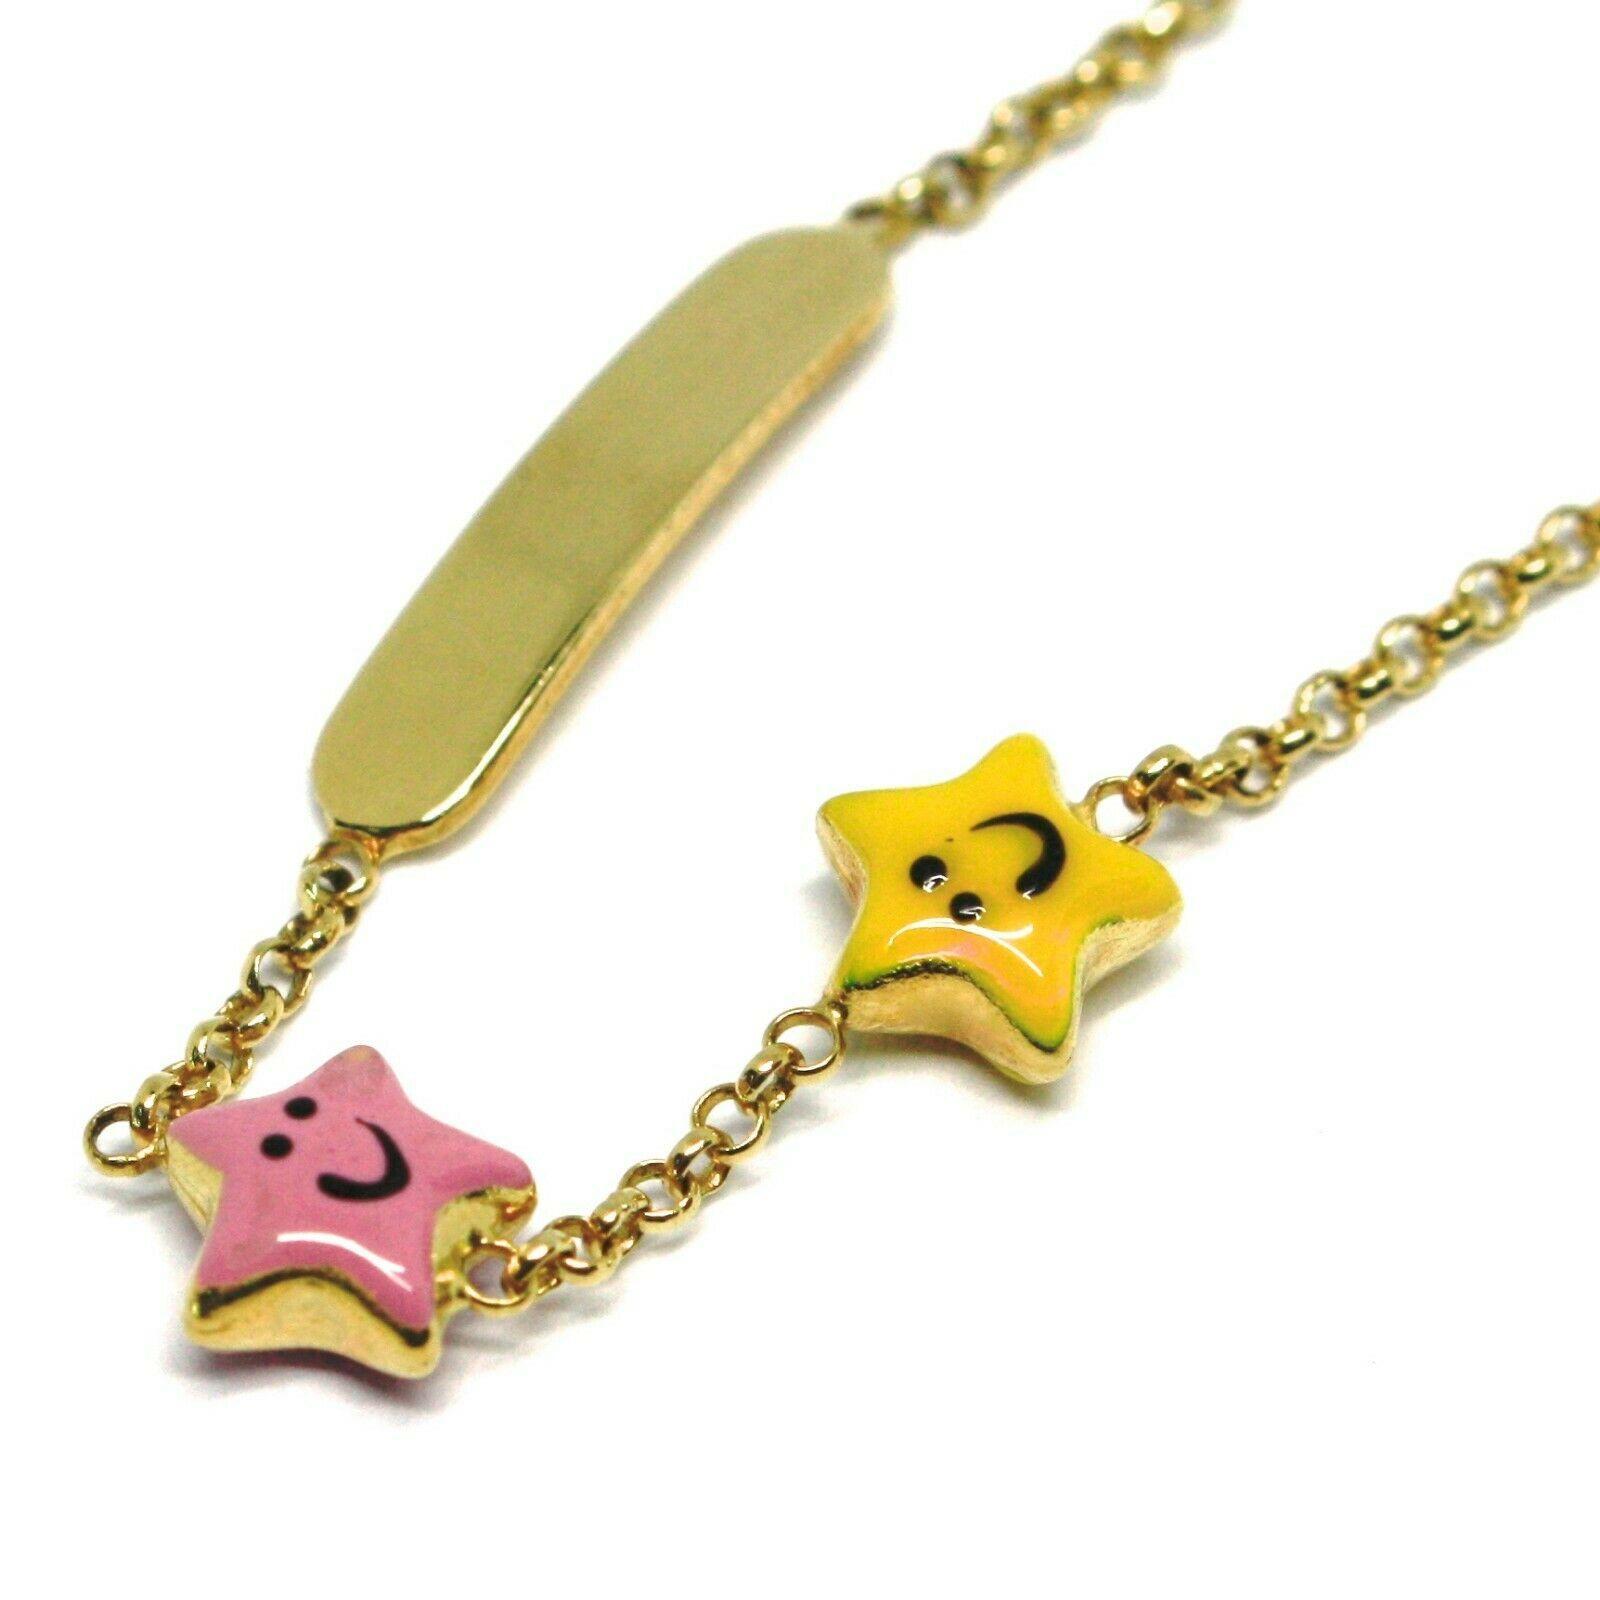 Armband Gold Gelbgold 18K 750, Mädchen, Sterne Emaille, Teller, 14 CM